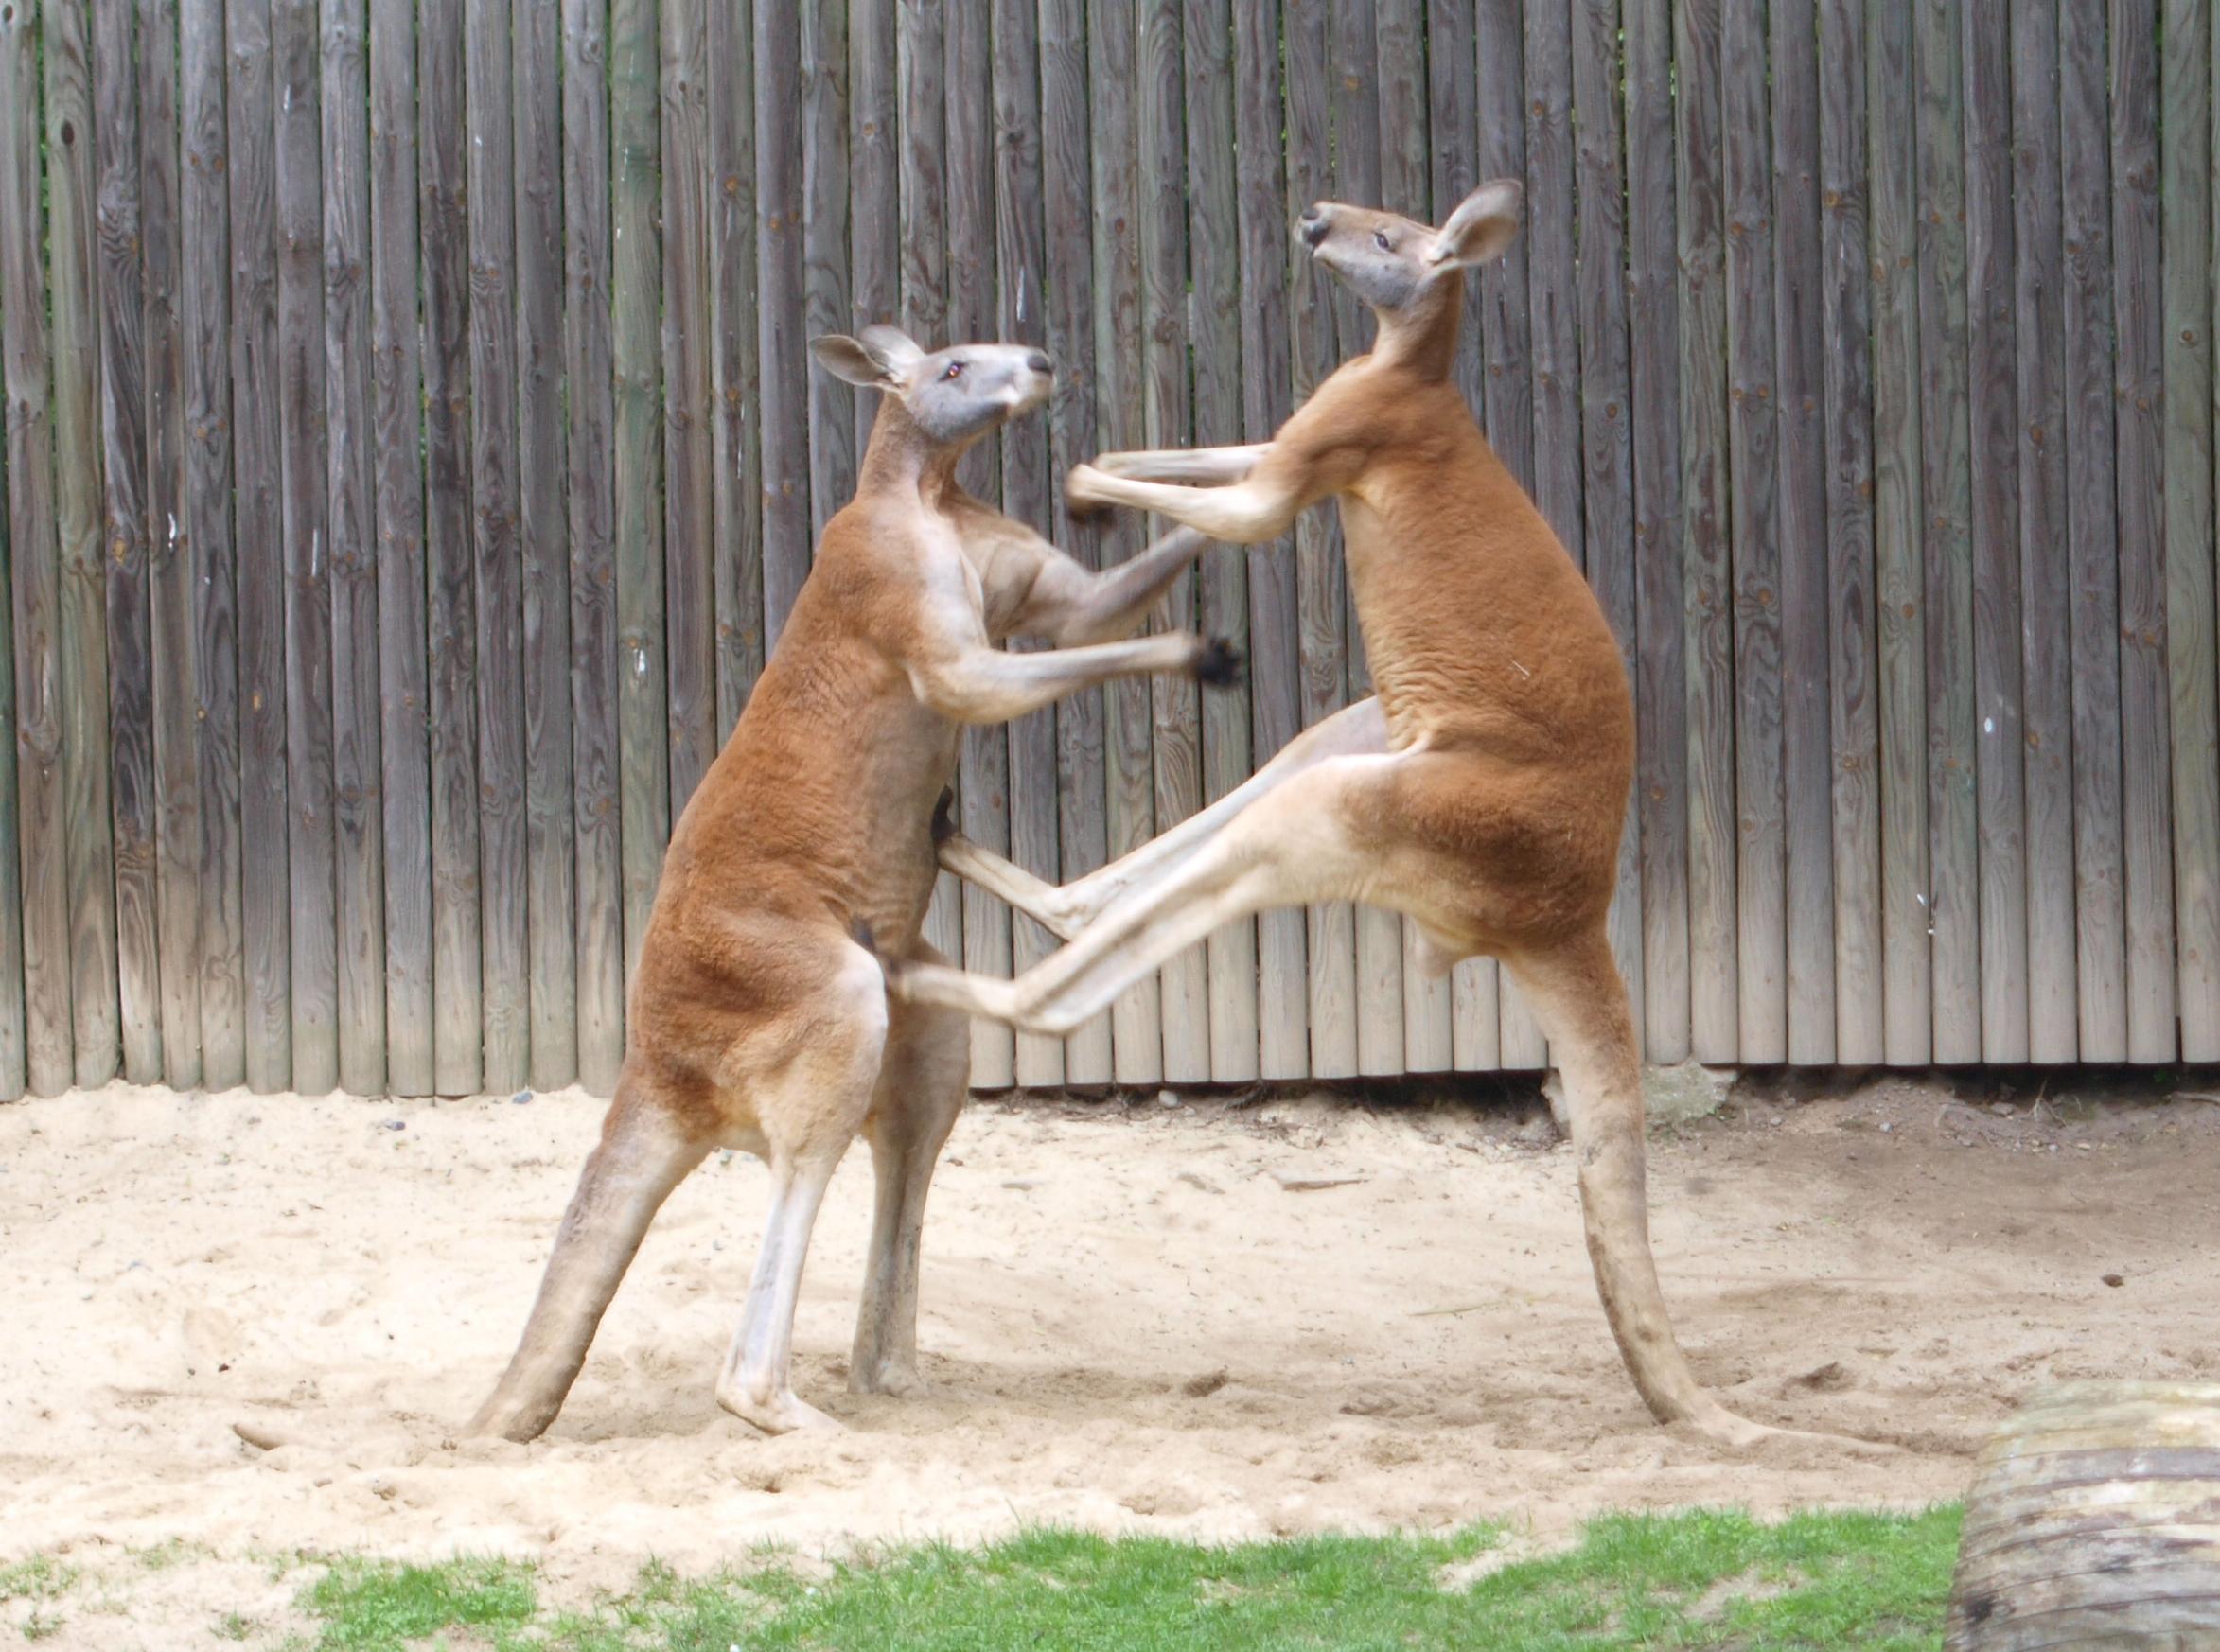 Fighting red kangaroos. Photo taken on May 23, 2010.